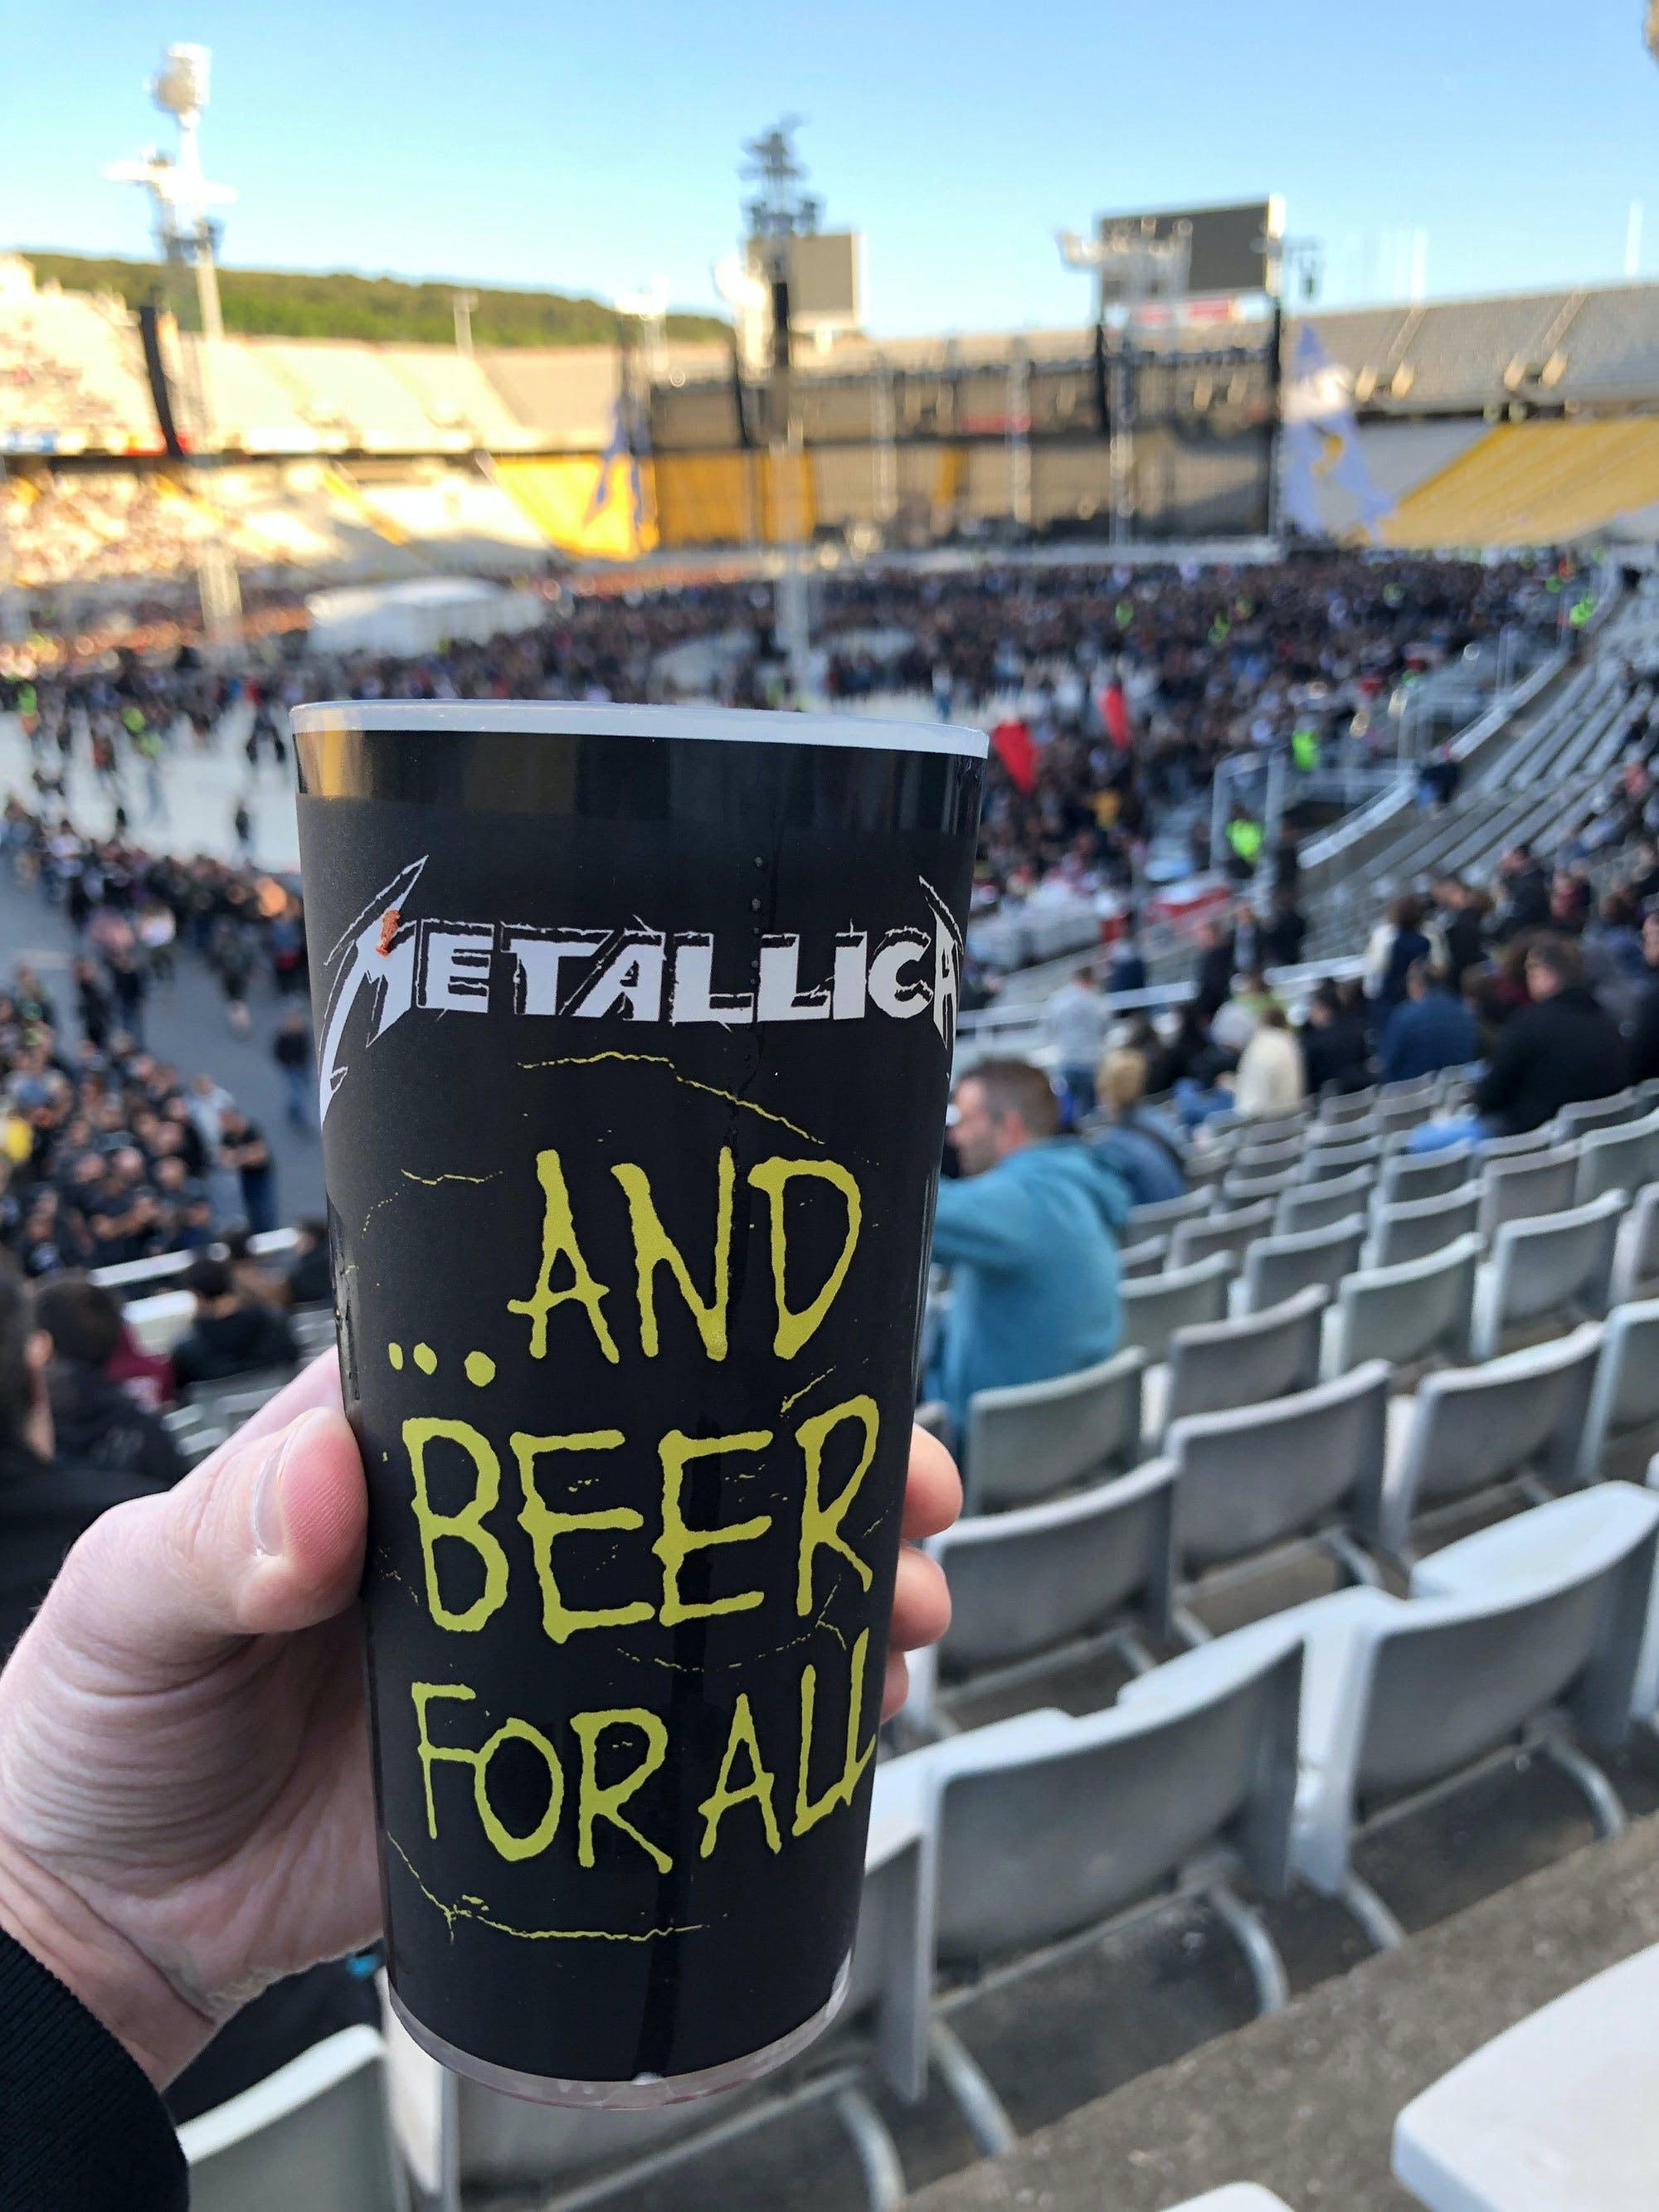 Drinking Metallica beer